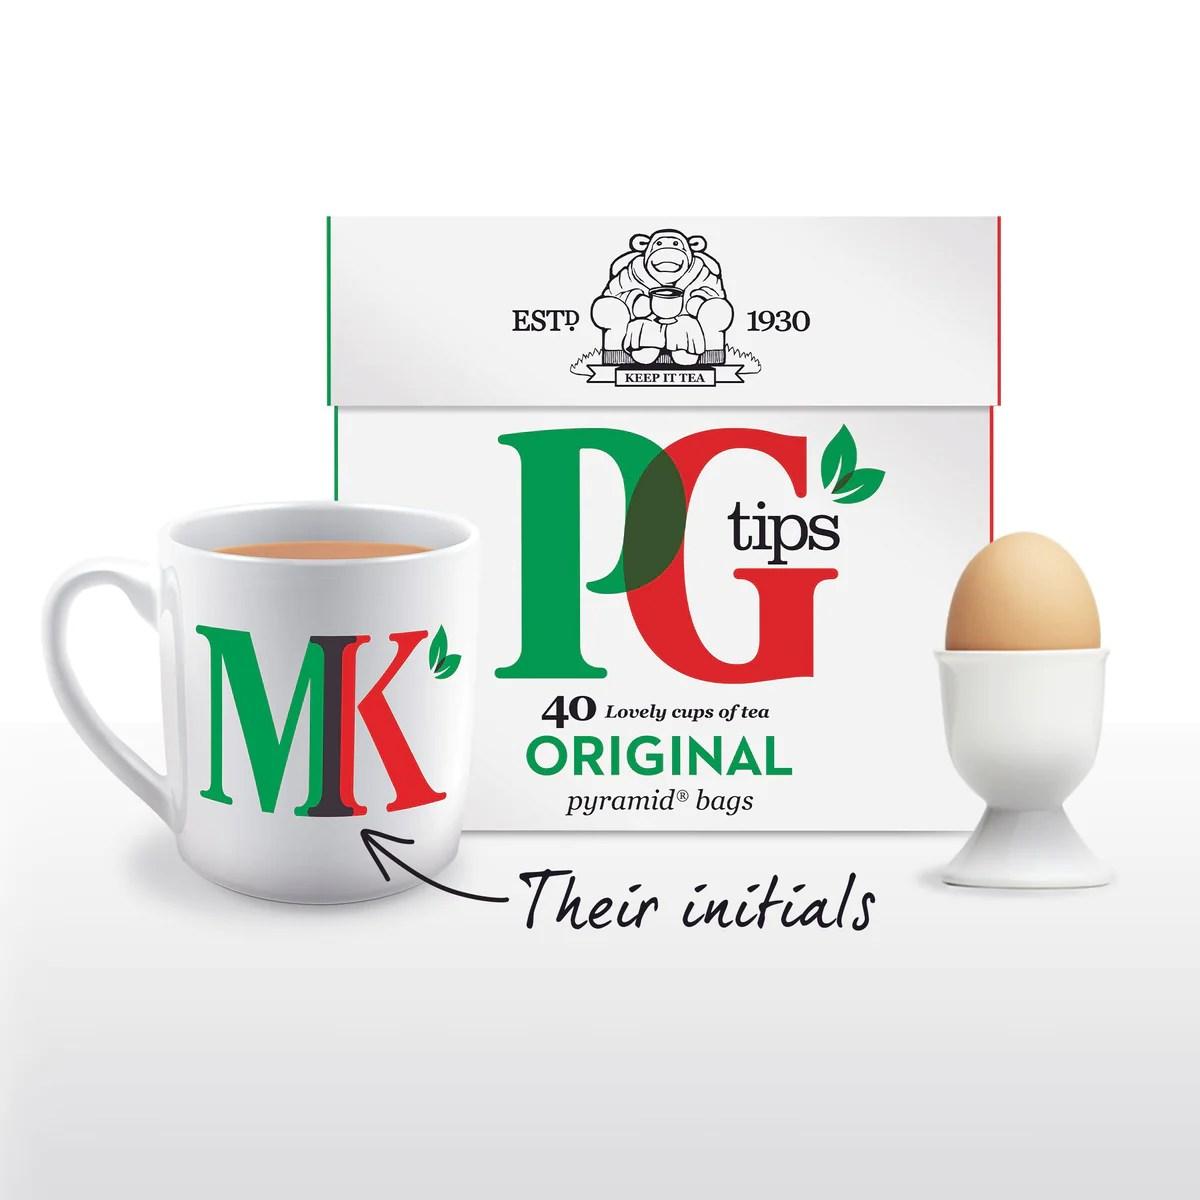 pg tips personalised breakfast